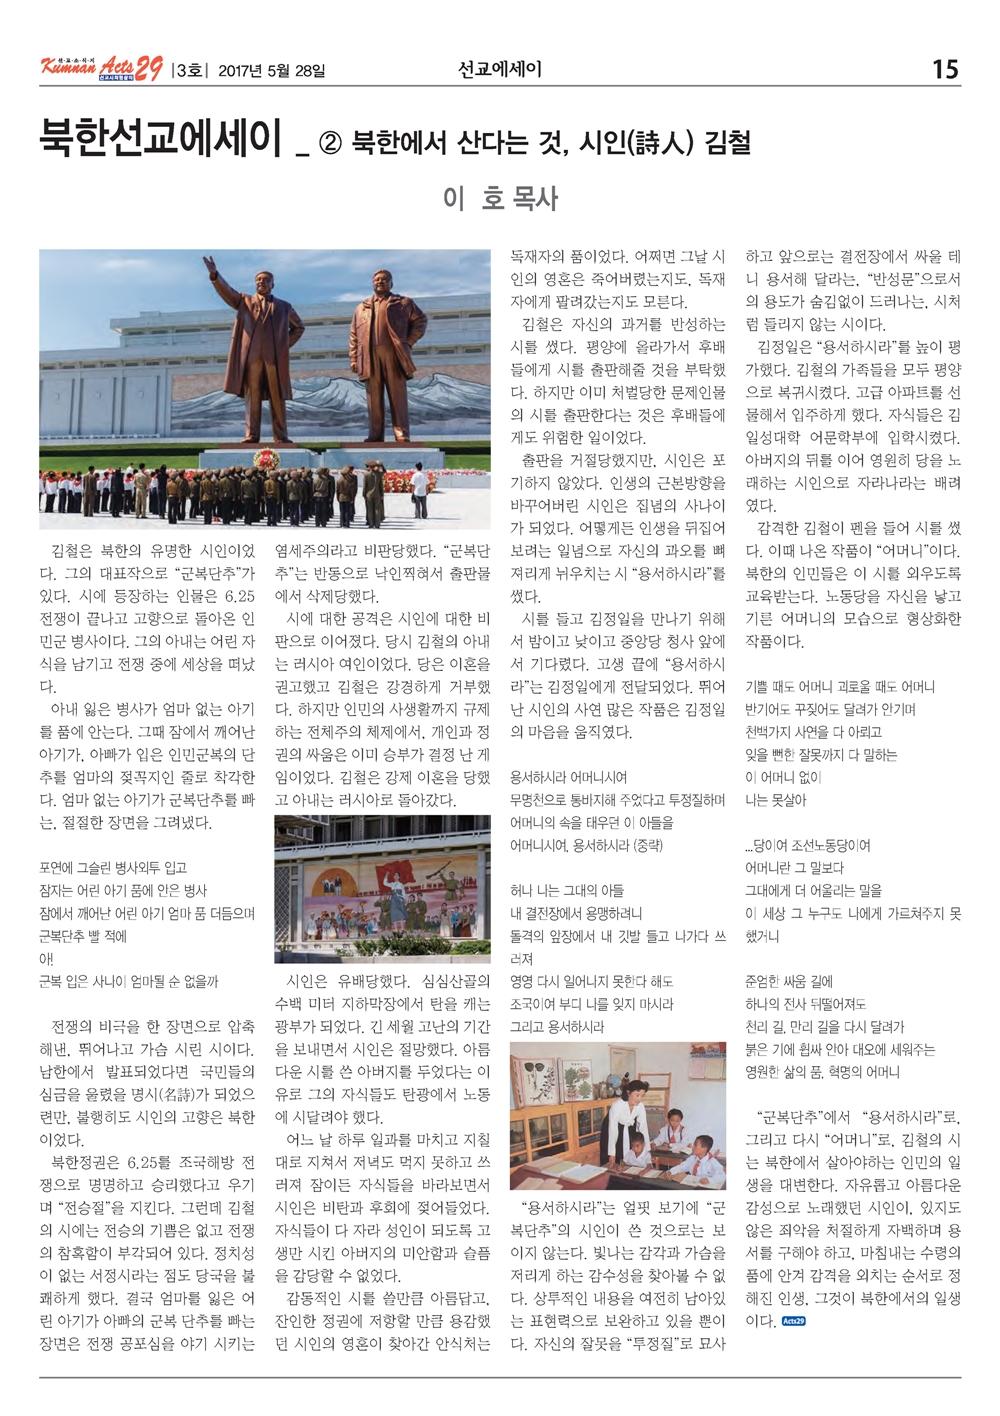 금란선교소식지 3월호_Page_15.jpg